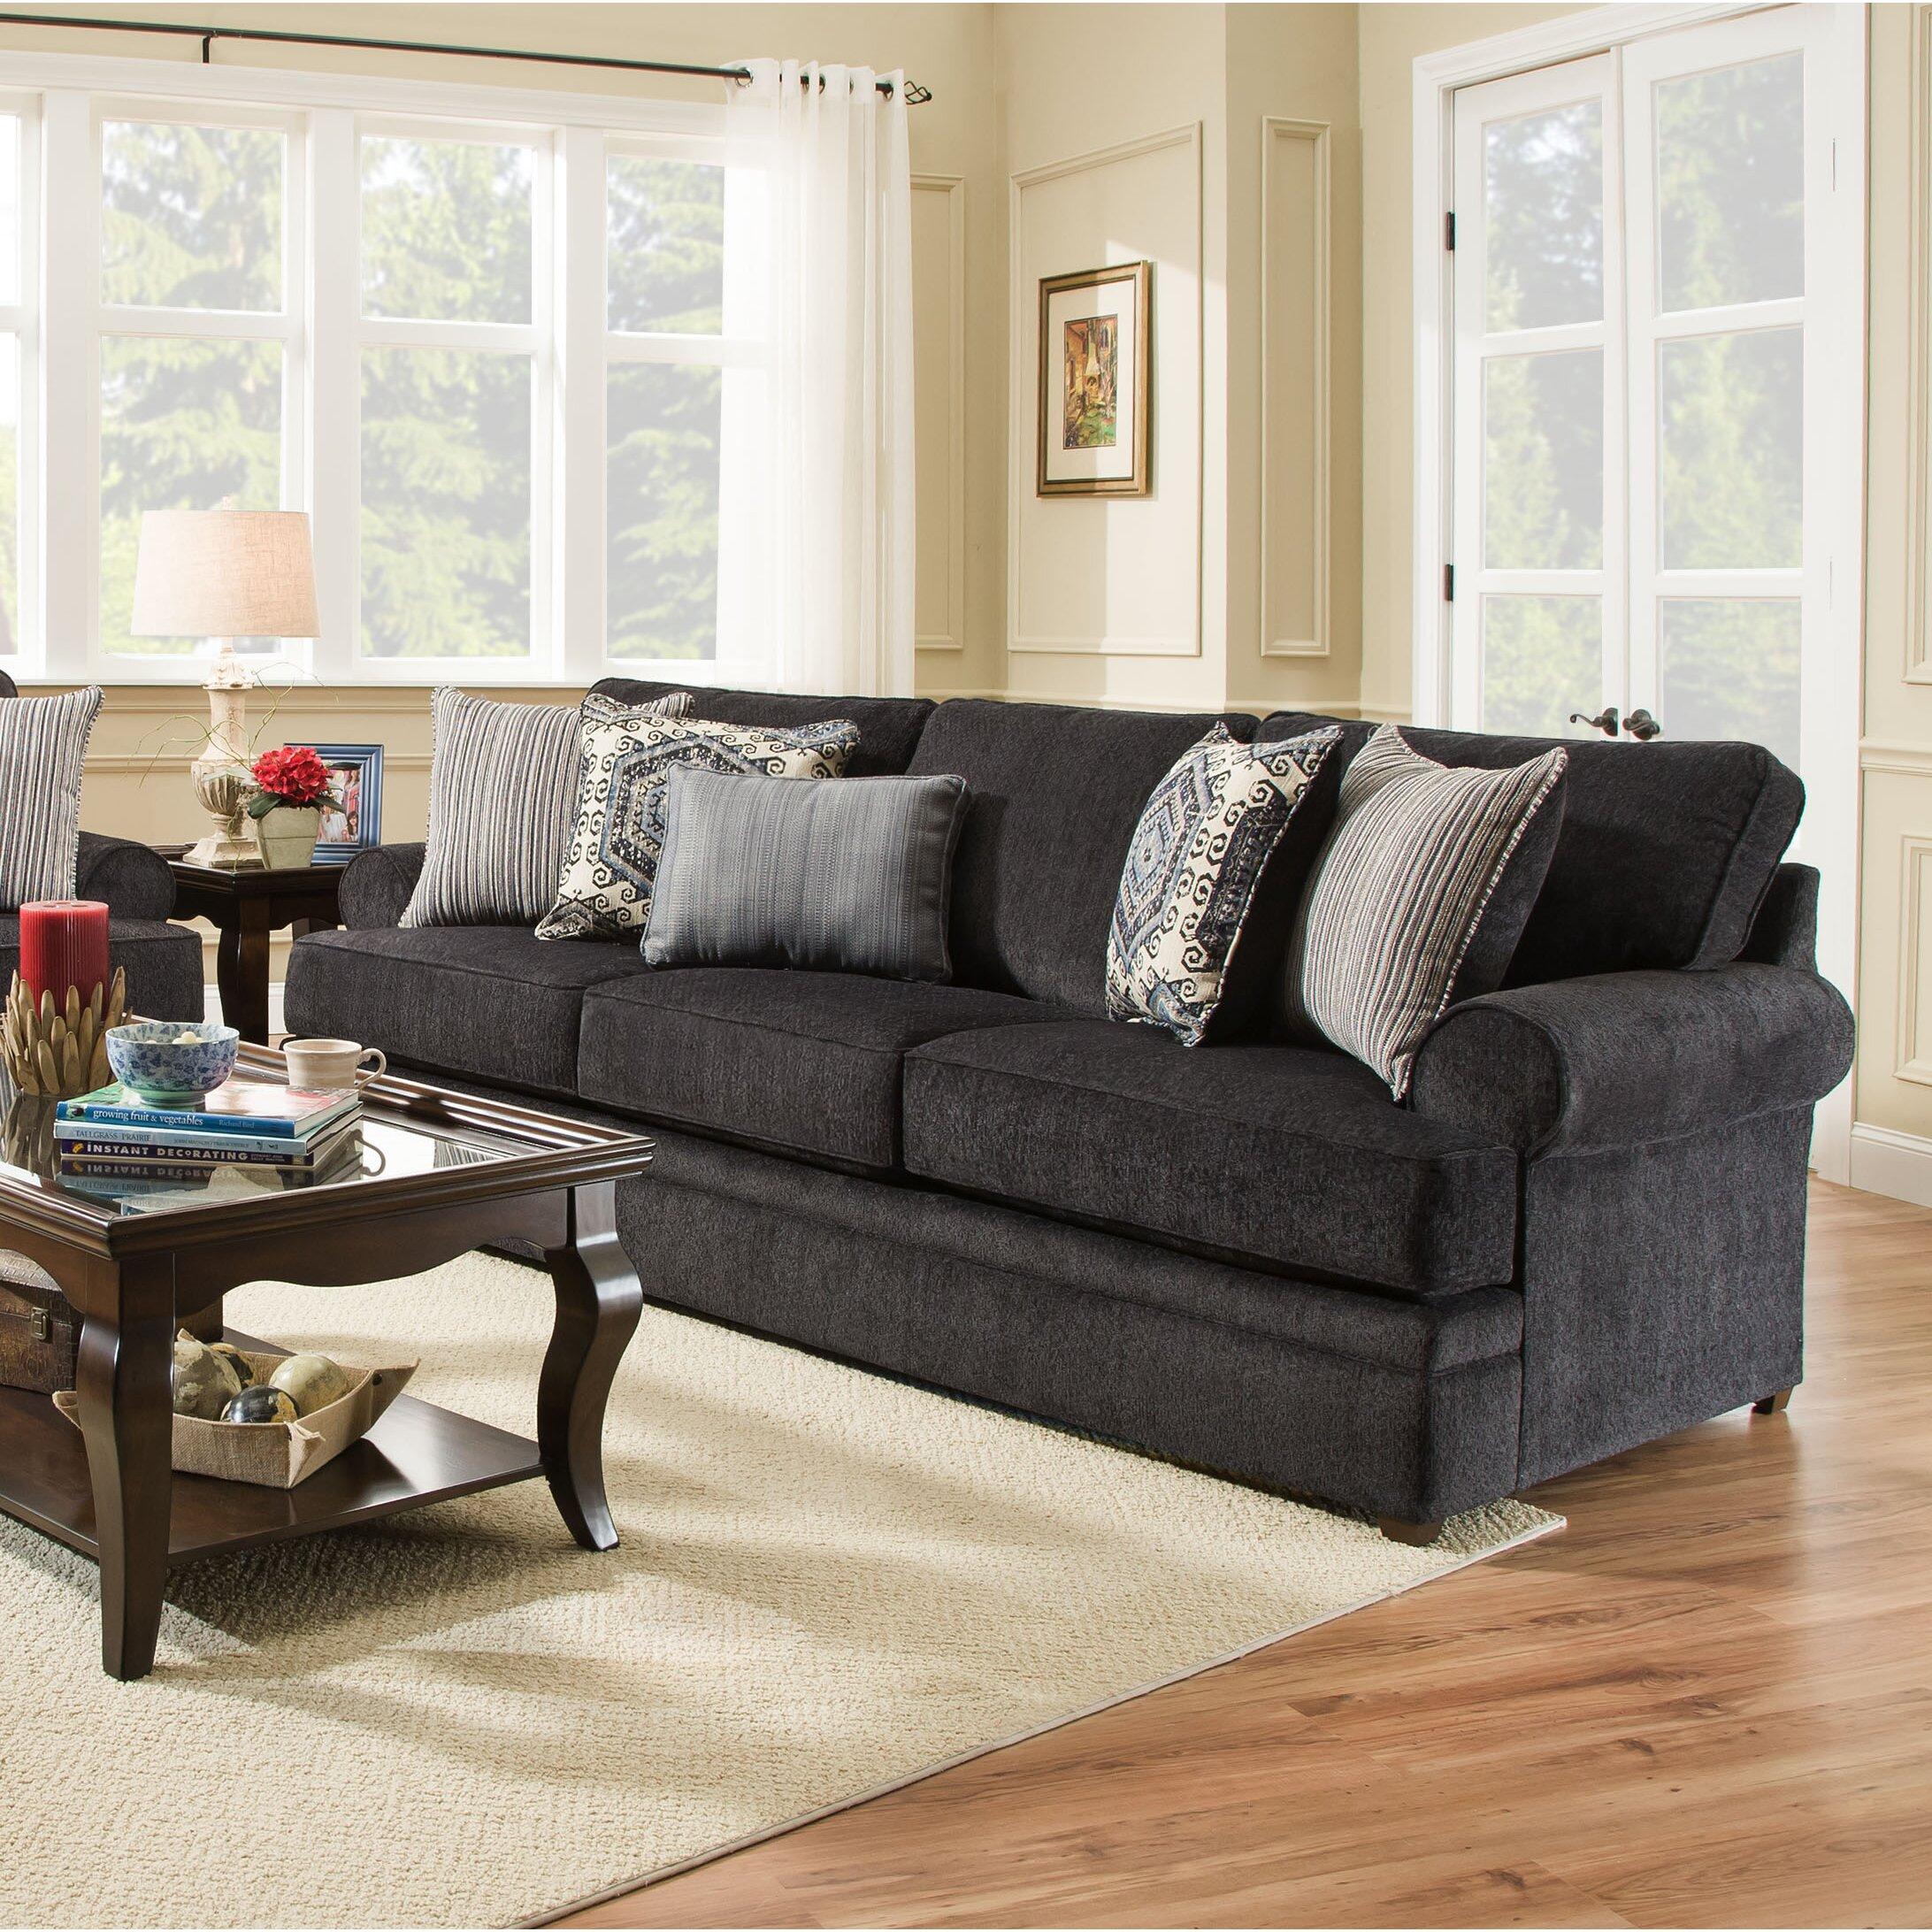 High Point Furniture Nc Furniture Store Queen Anne Furniture ...